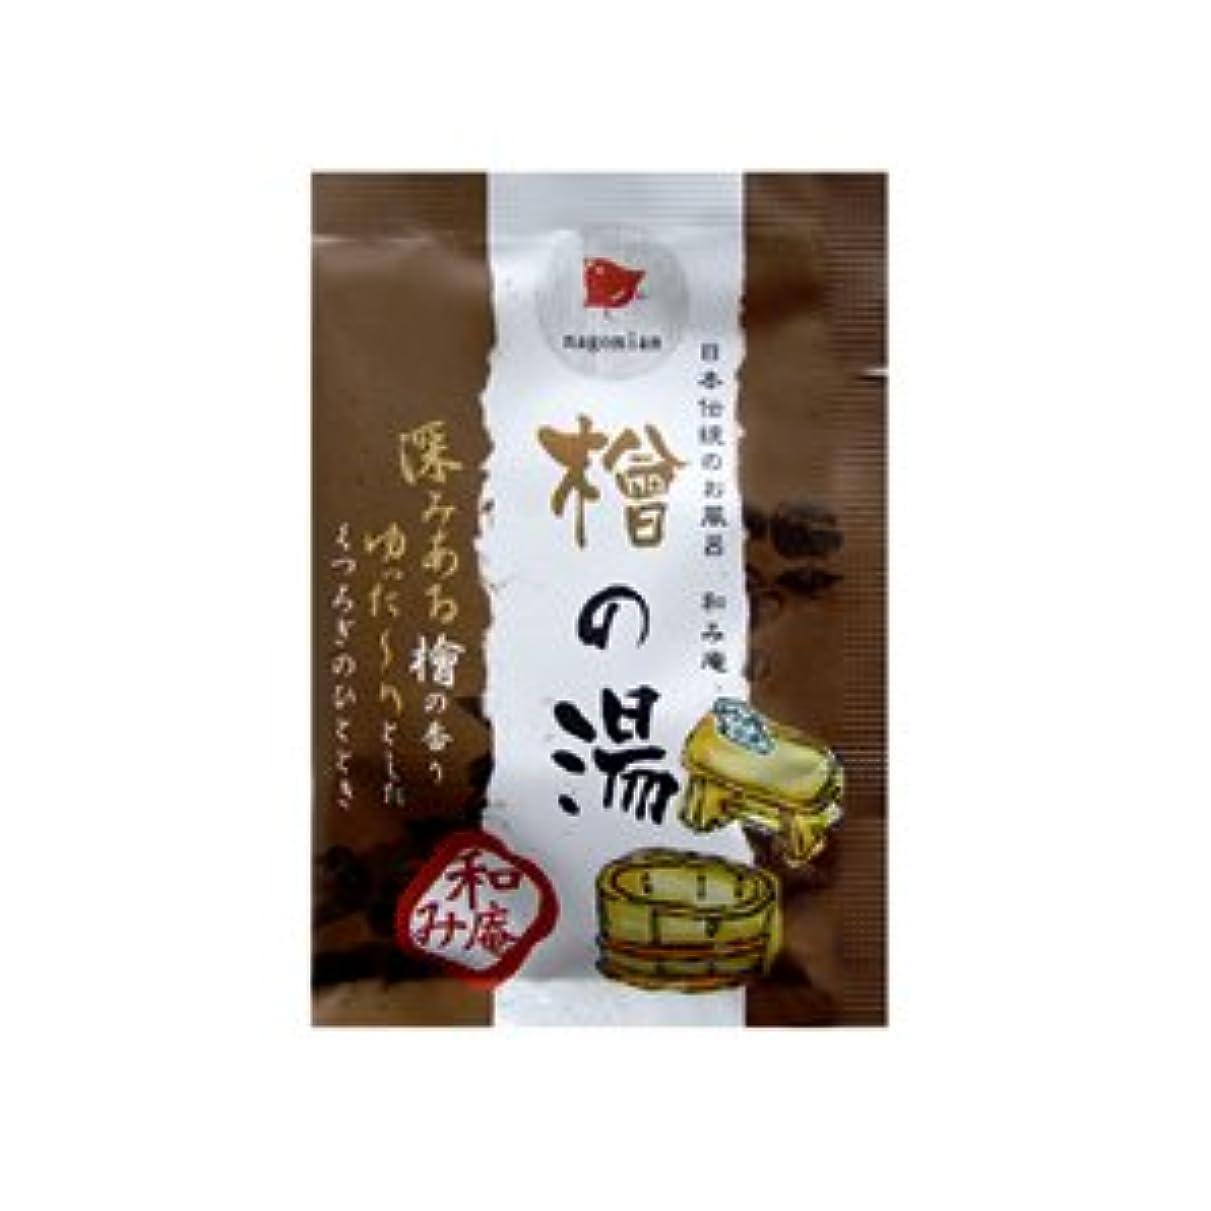 サワー収益箱日本伝統のお風呂 和み庵 檜の湯 25g 5個セット